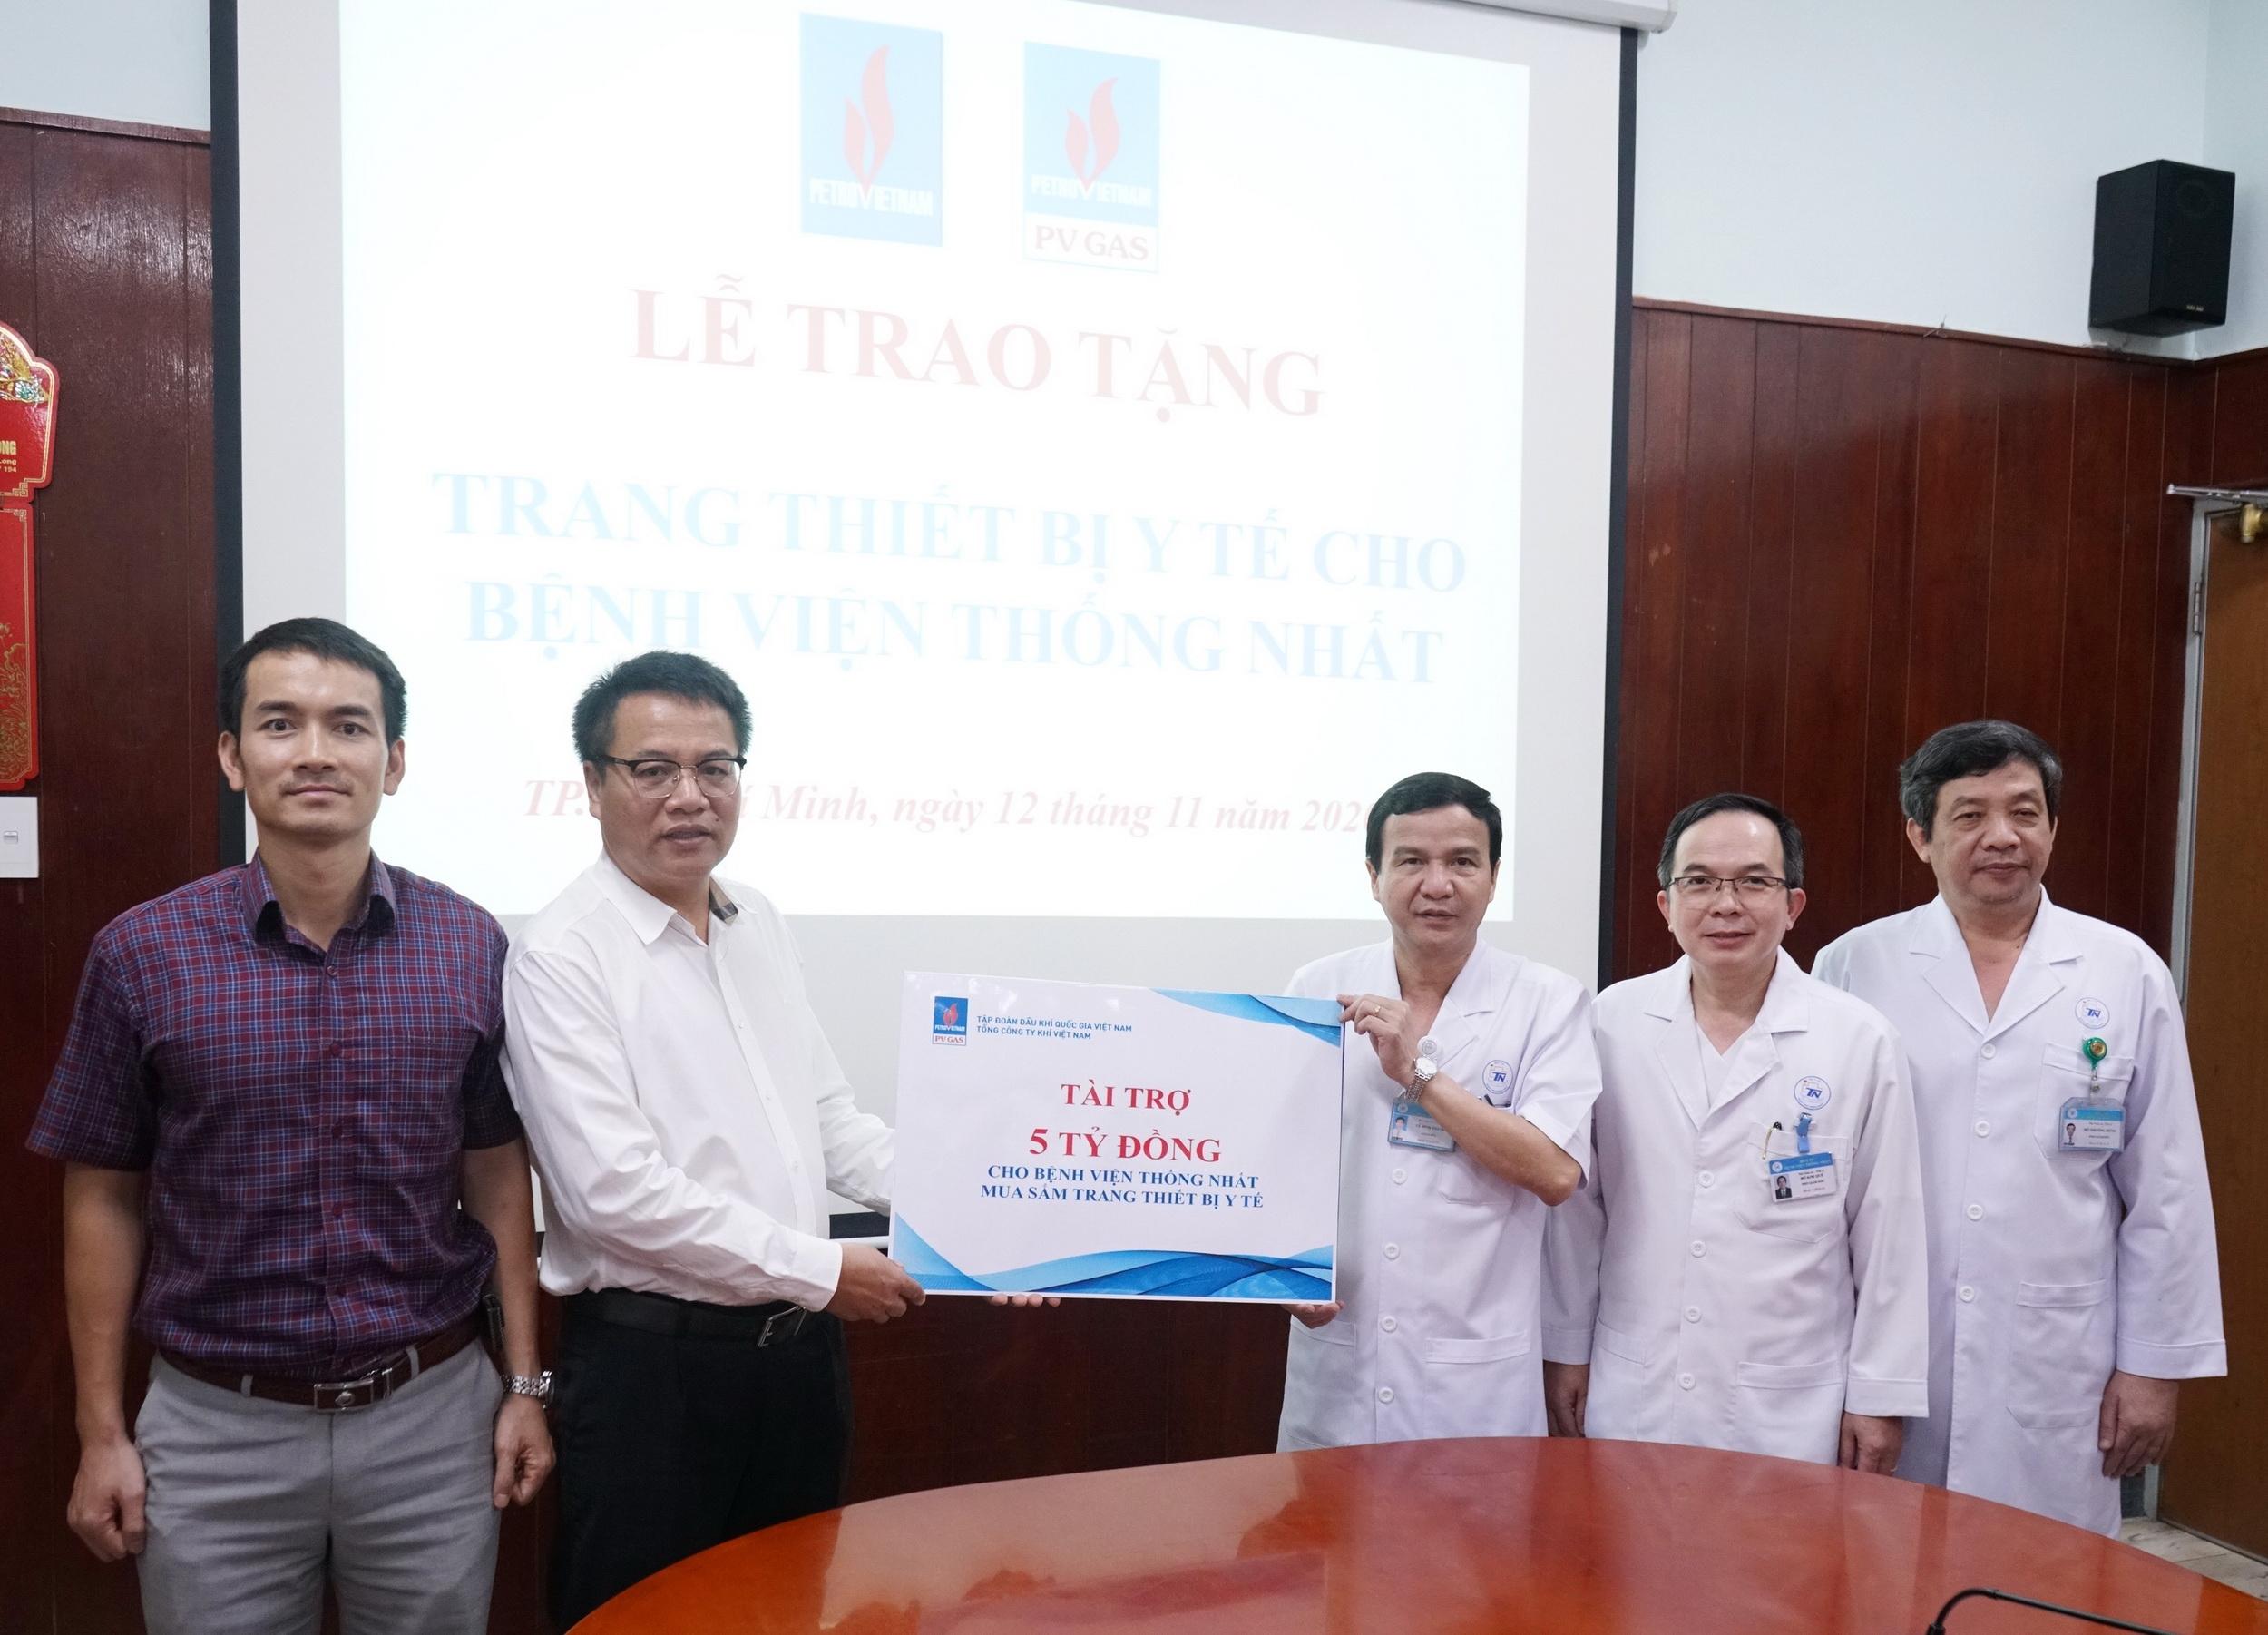 Nghi thức trao tặng thiết bị y tế cho BV Thống Nhất